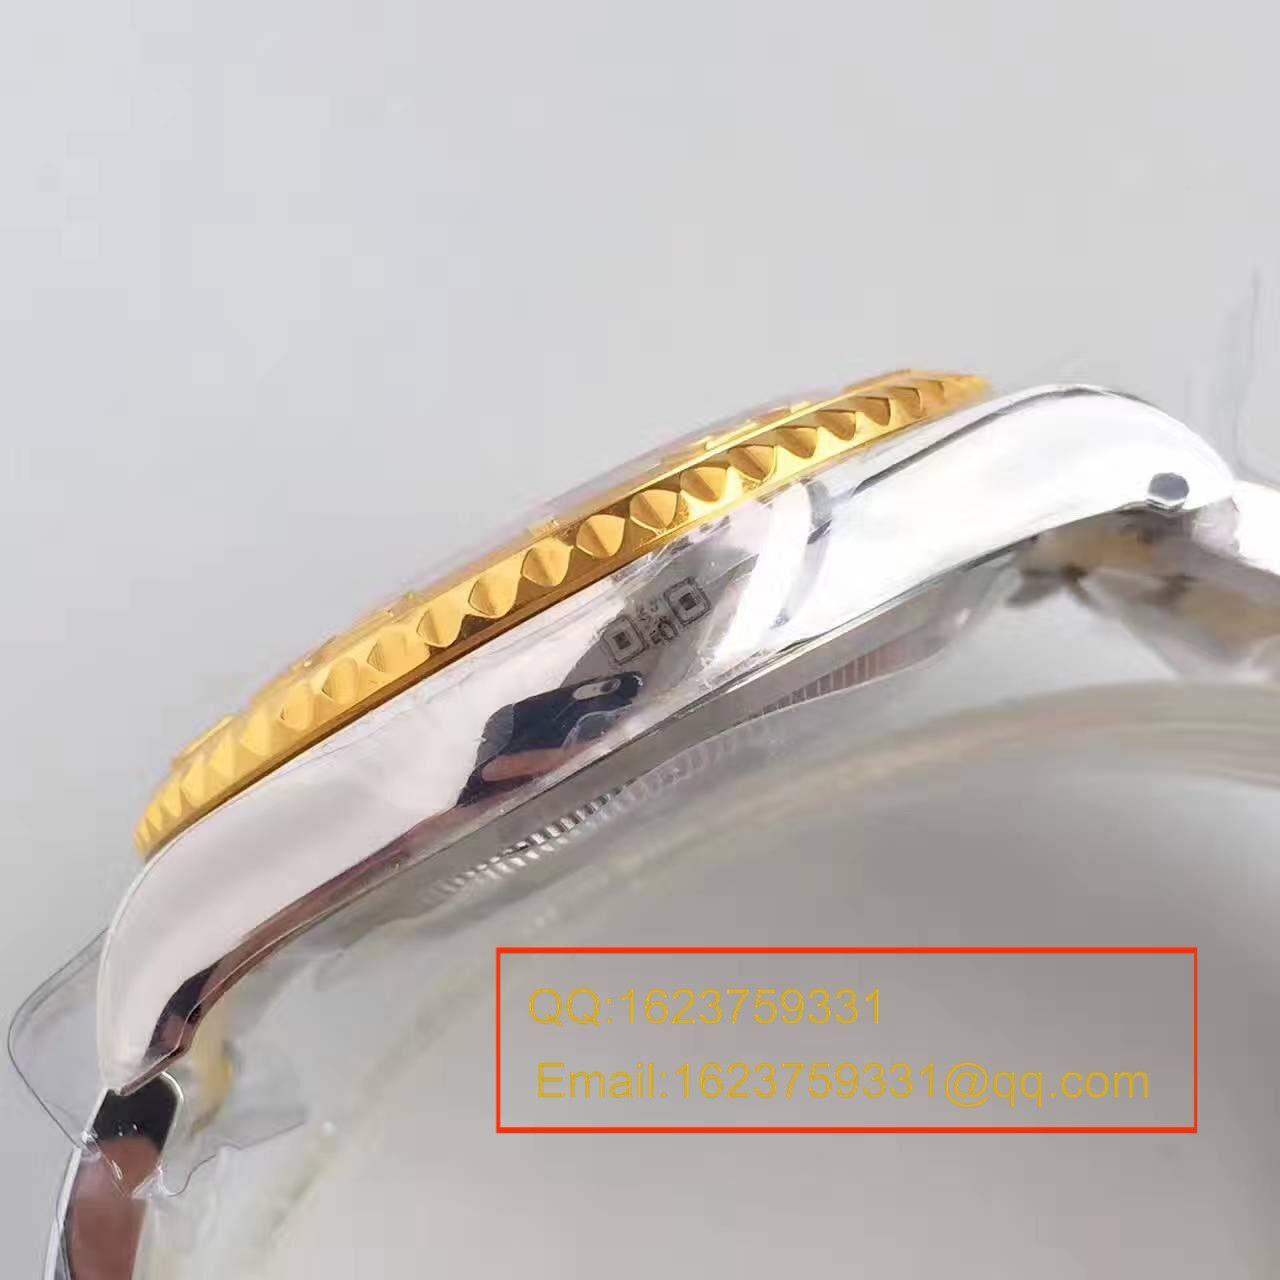 【JF厂一比一超A高仿手表】劳力士游艇名仕型系列168623-78753 香槟色表盘腕表 / RBc098